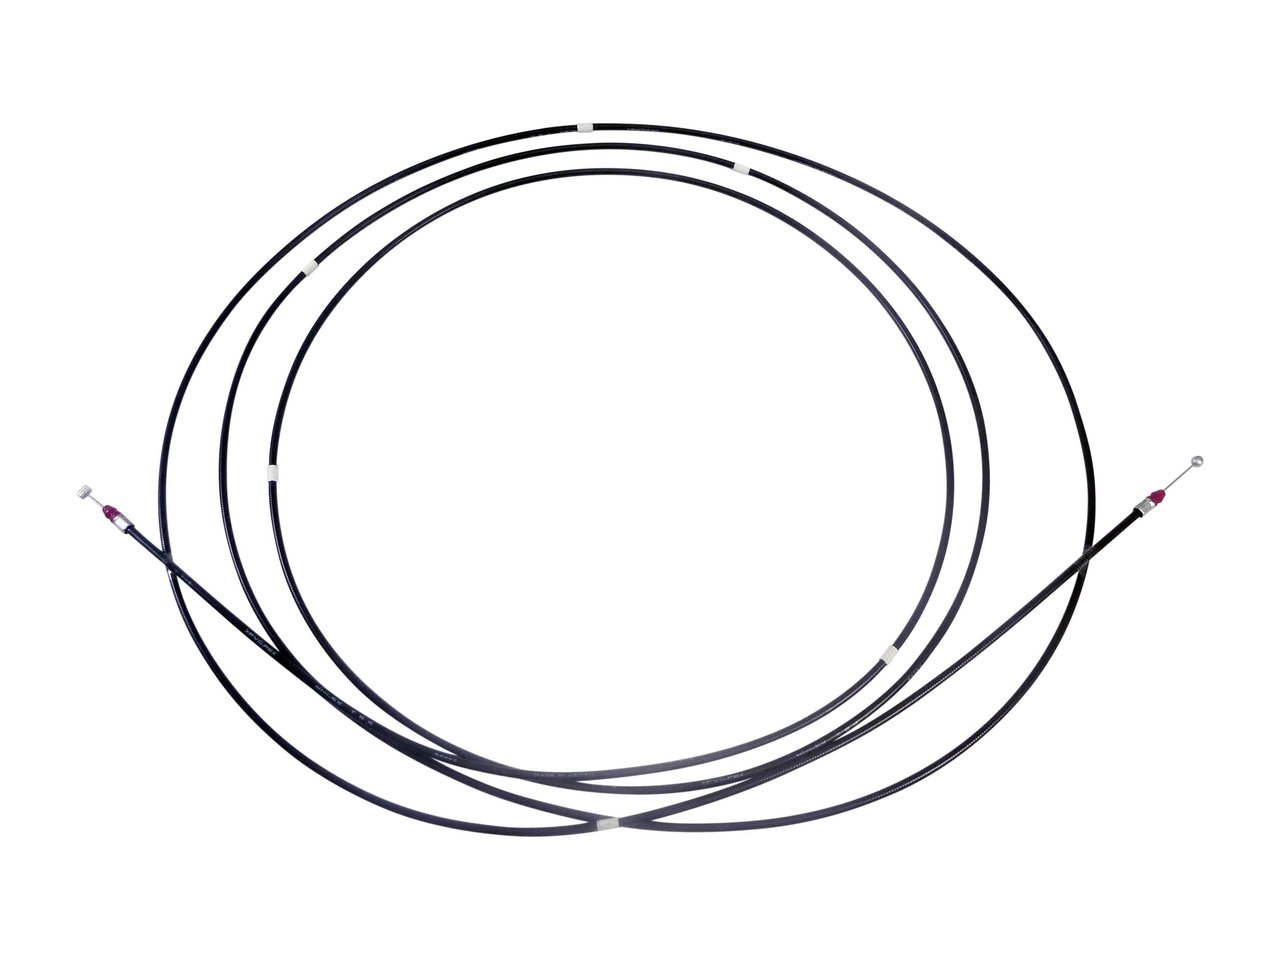 fuel filler door release cable suitable for landcruiser hzj80